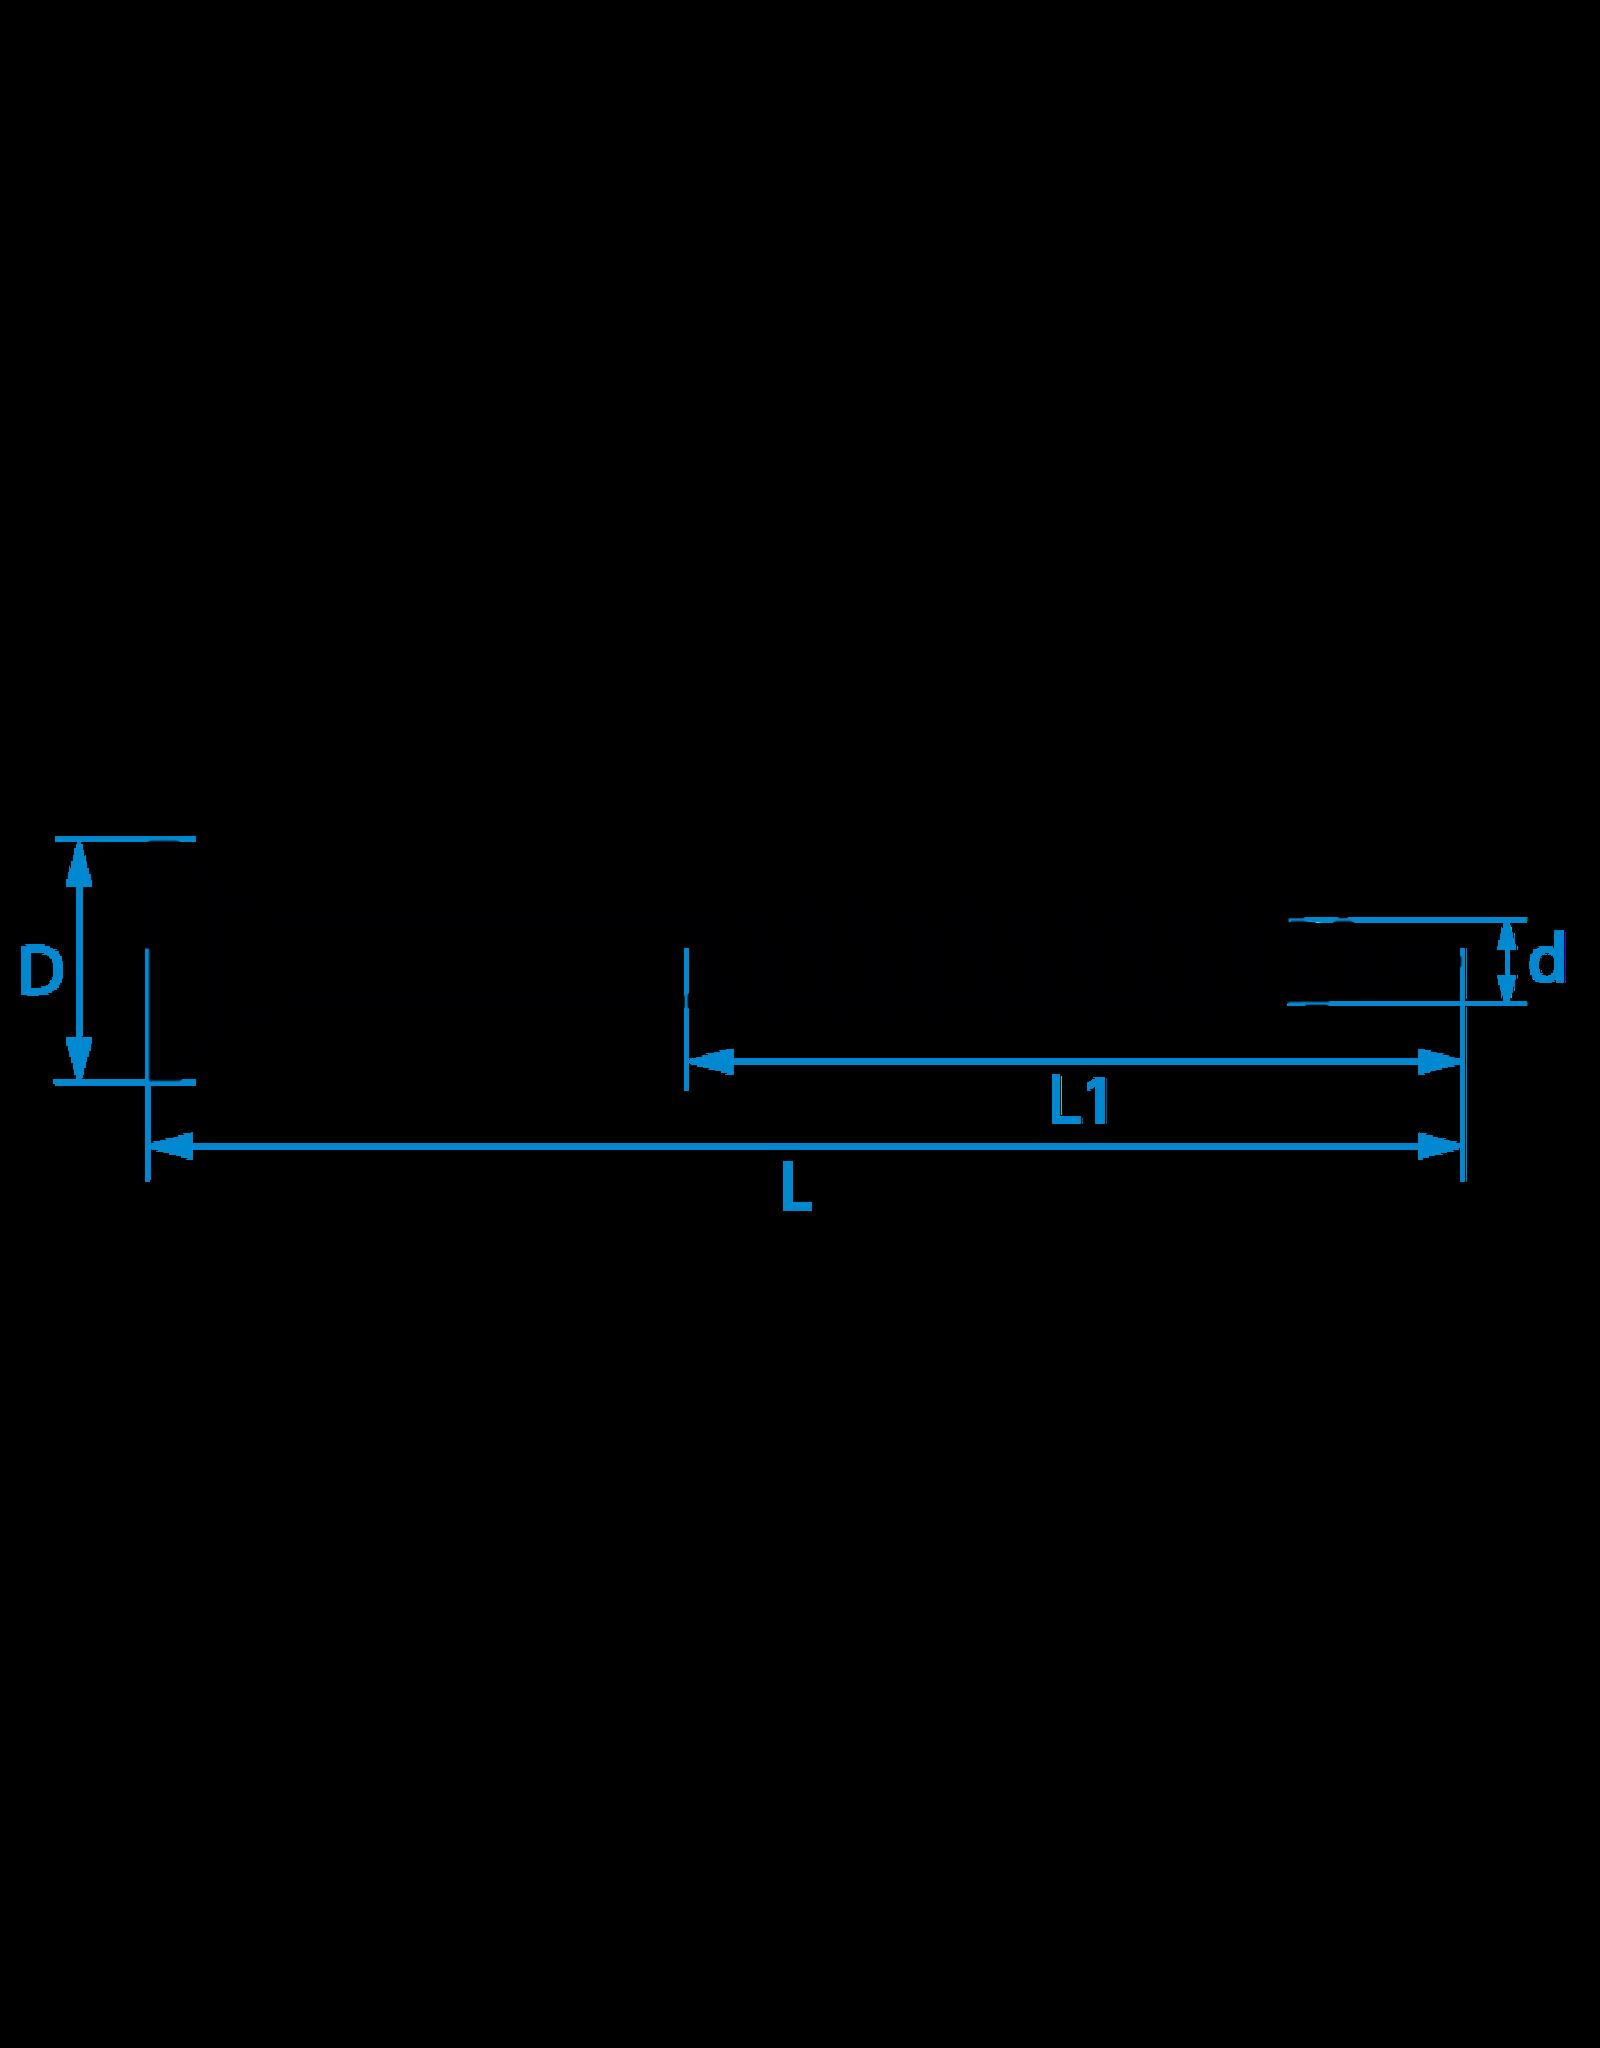 Spaanplaatschroeven platkop 3.5x40 TX-15 staal gehard verzinkt per 200 stuks